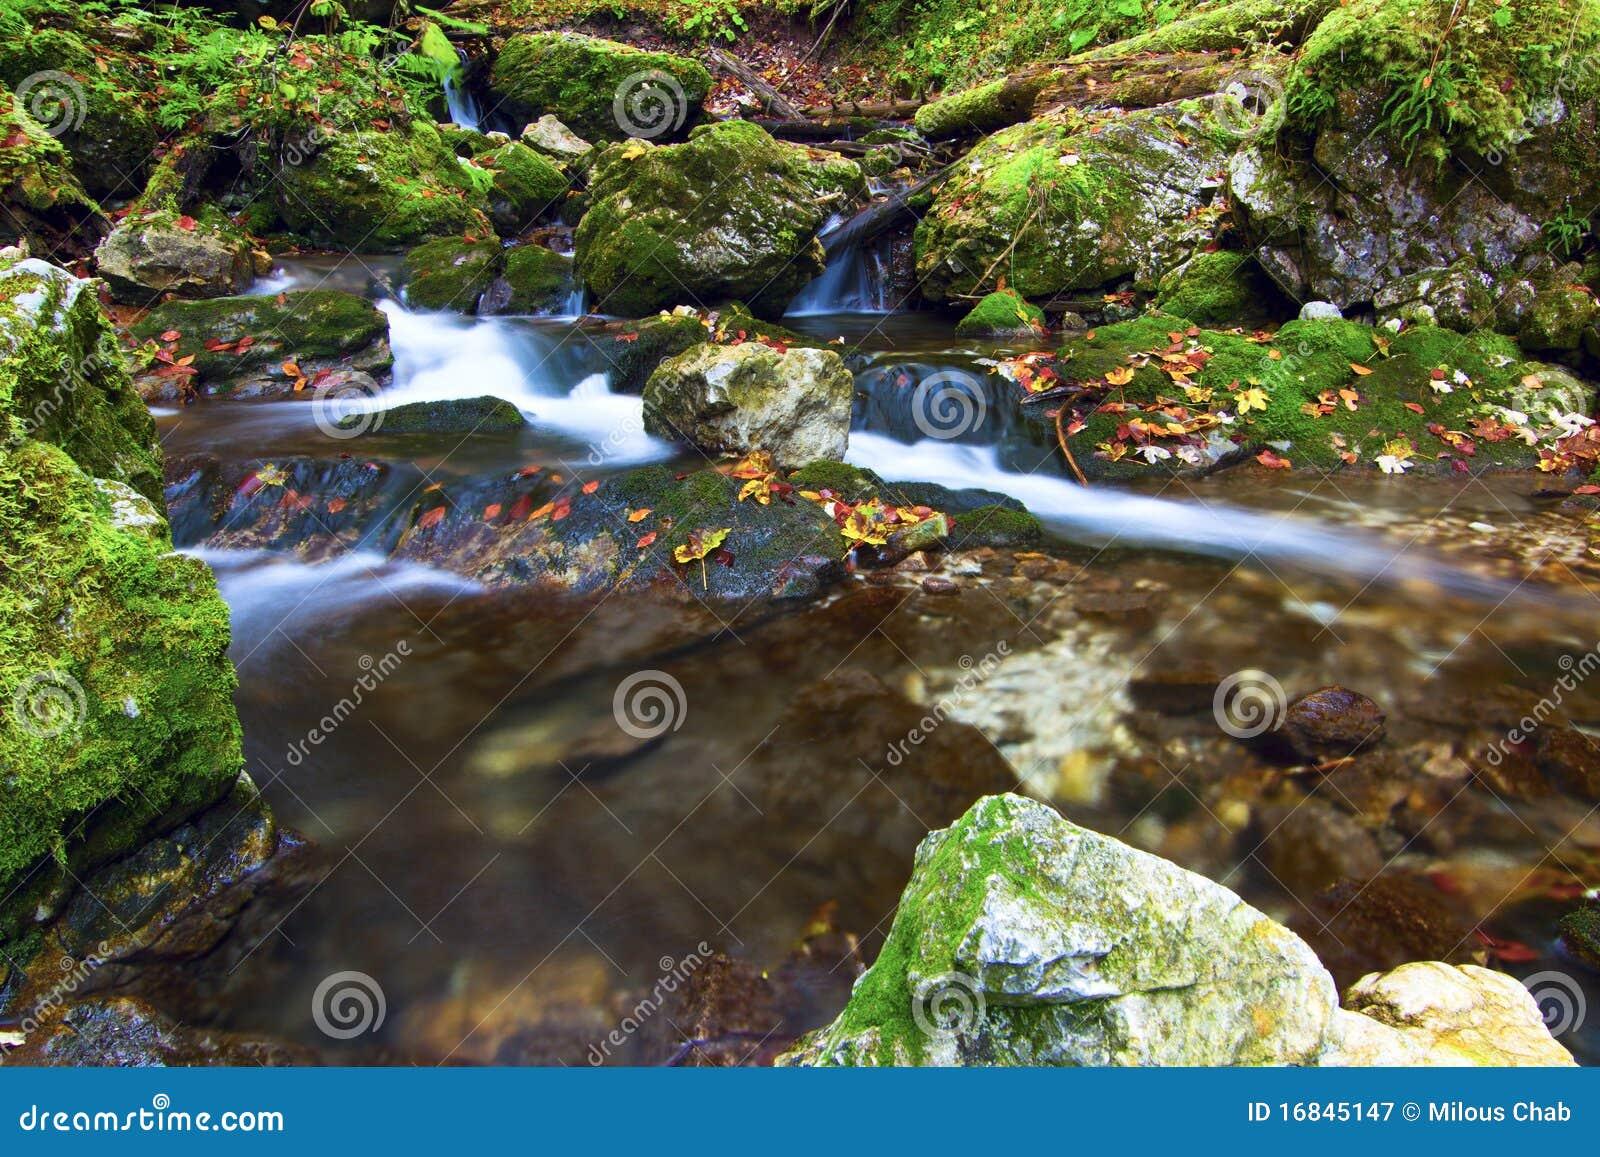 Nationaal park - Slowaaks paradijs, Slowakije